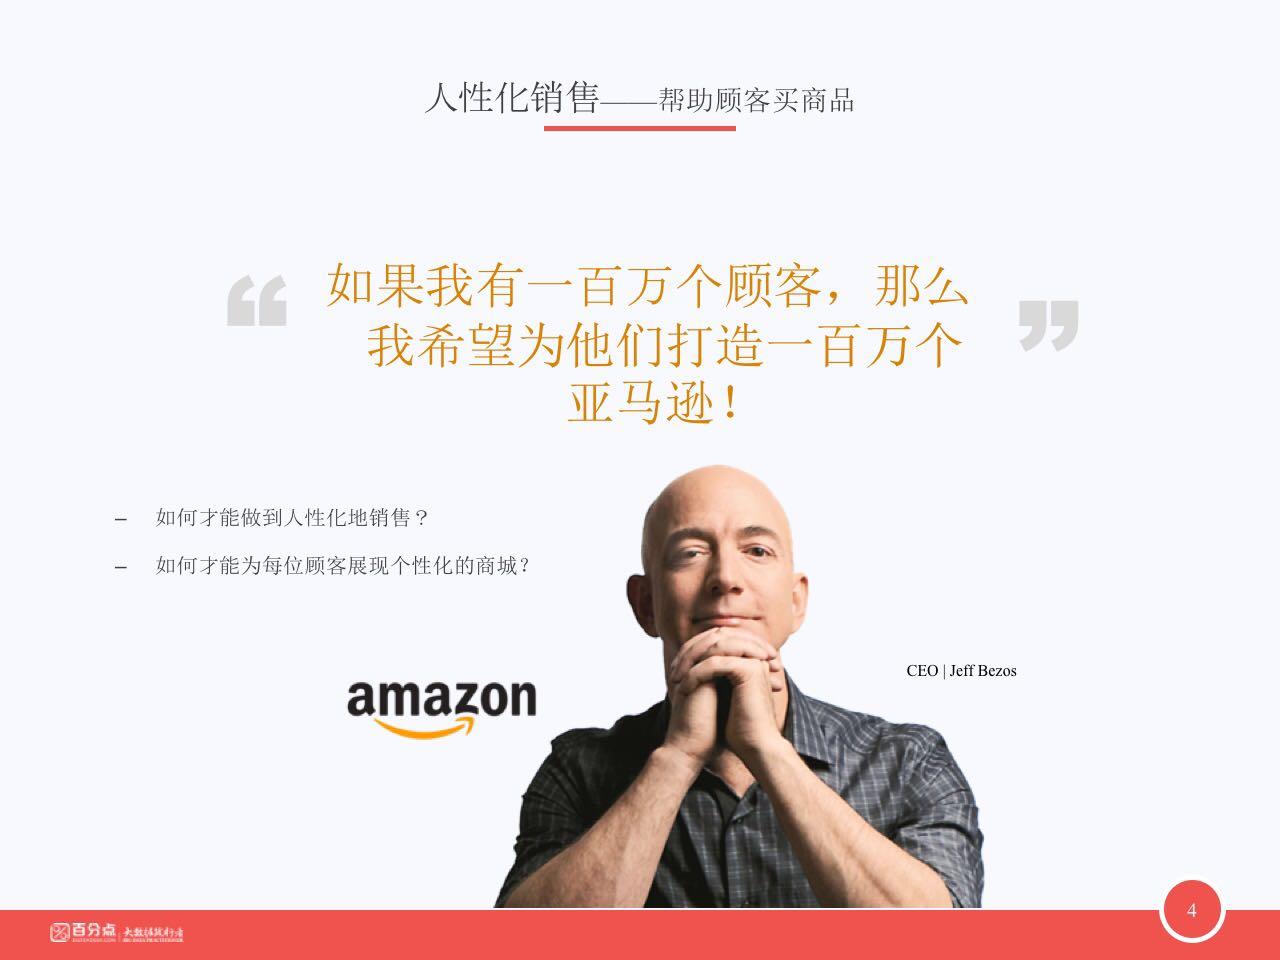 来自张智超发布的供应信息:百分点个性化系统。打造千人千面的网站和A... - 北京百分点信息科技有限公司